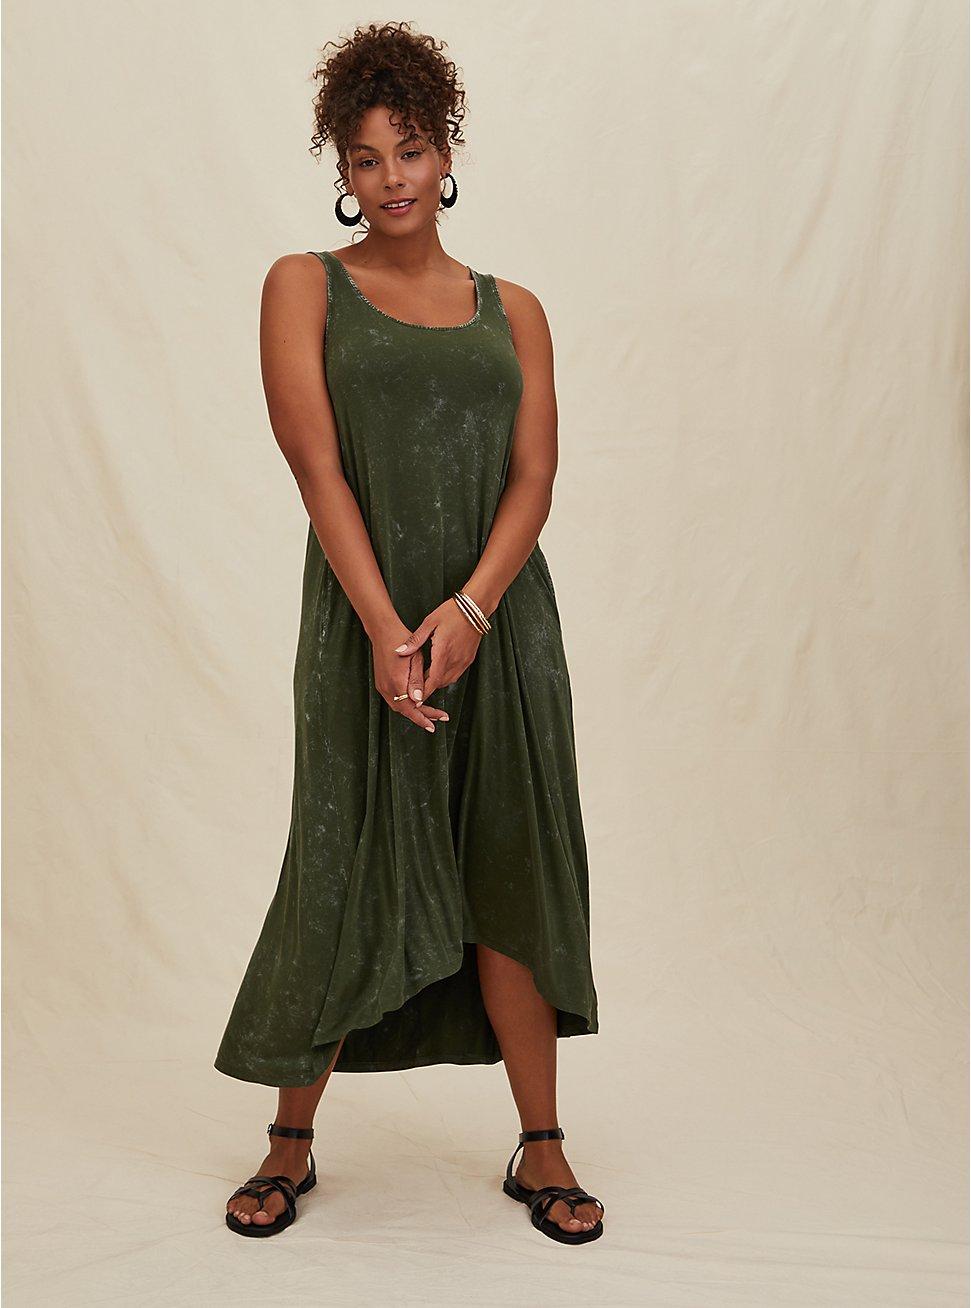 Super Soft Olive Green Mineral Wash Hi-Lo Maxi Dress, DEEP DEPTHS, hi-res